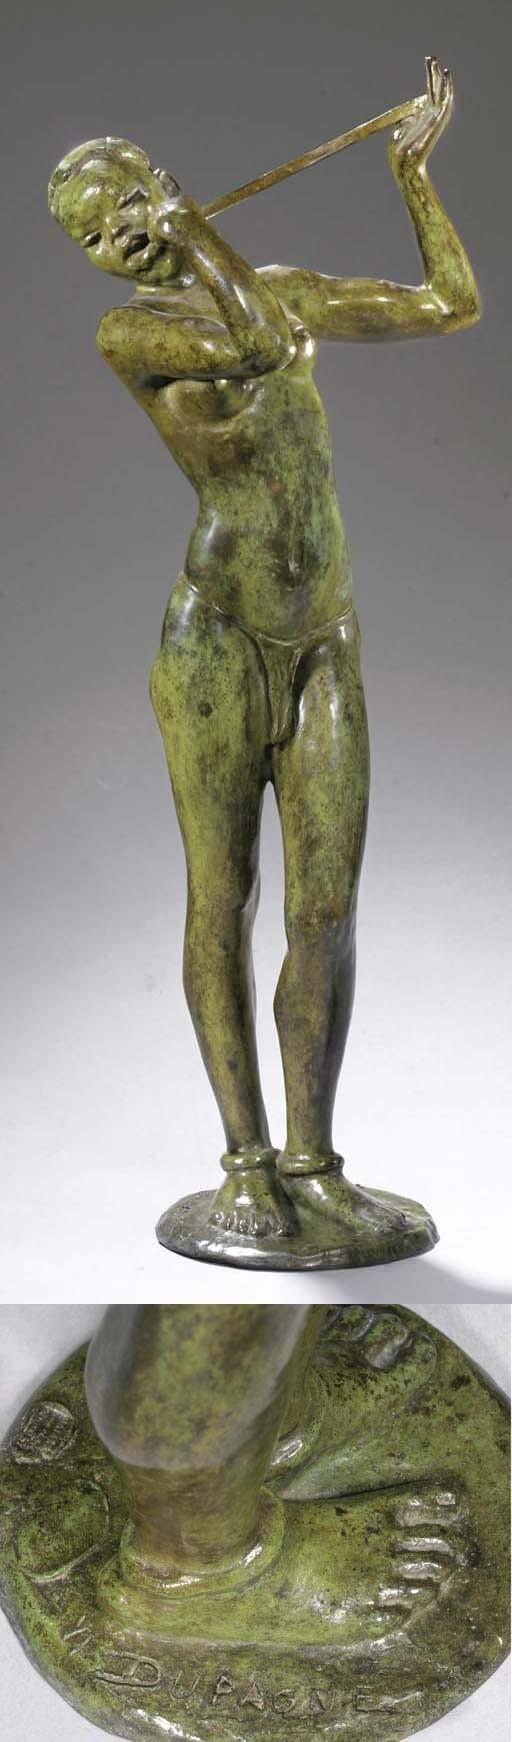 ARTHUR DUPAGNE (1895-1961)